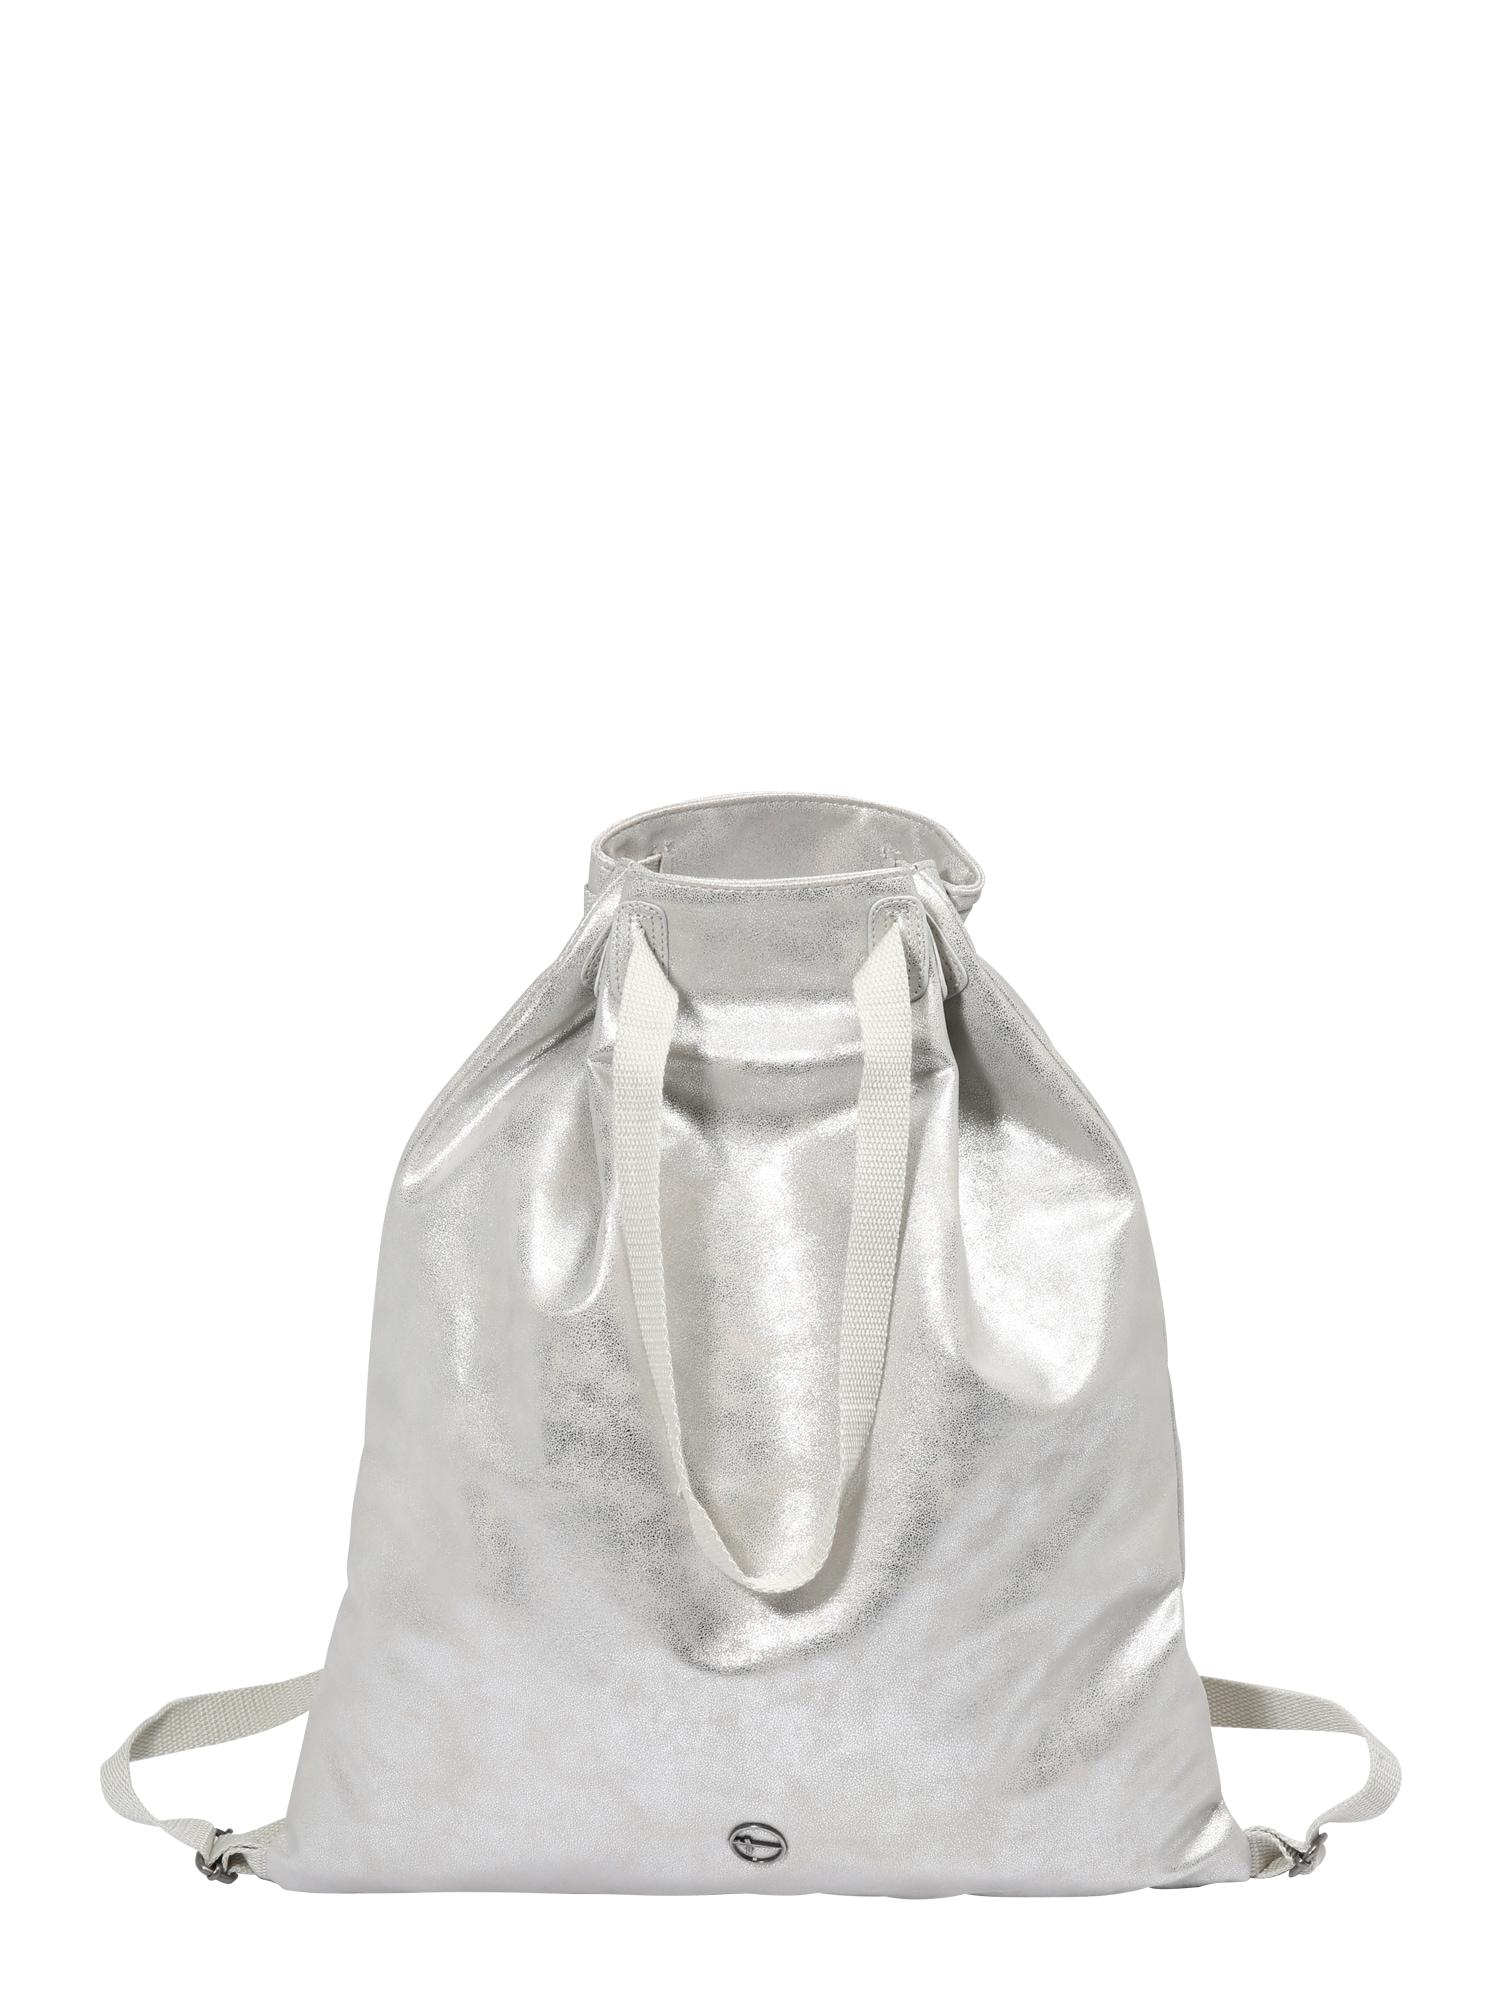 Sportovní vak Nico Bucket Bag II stříbrná TAMARIS